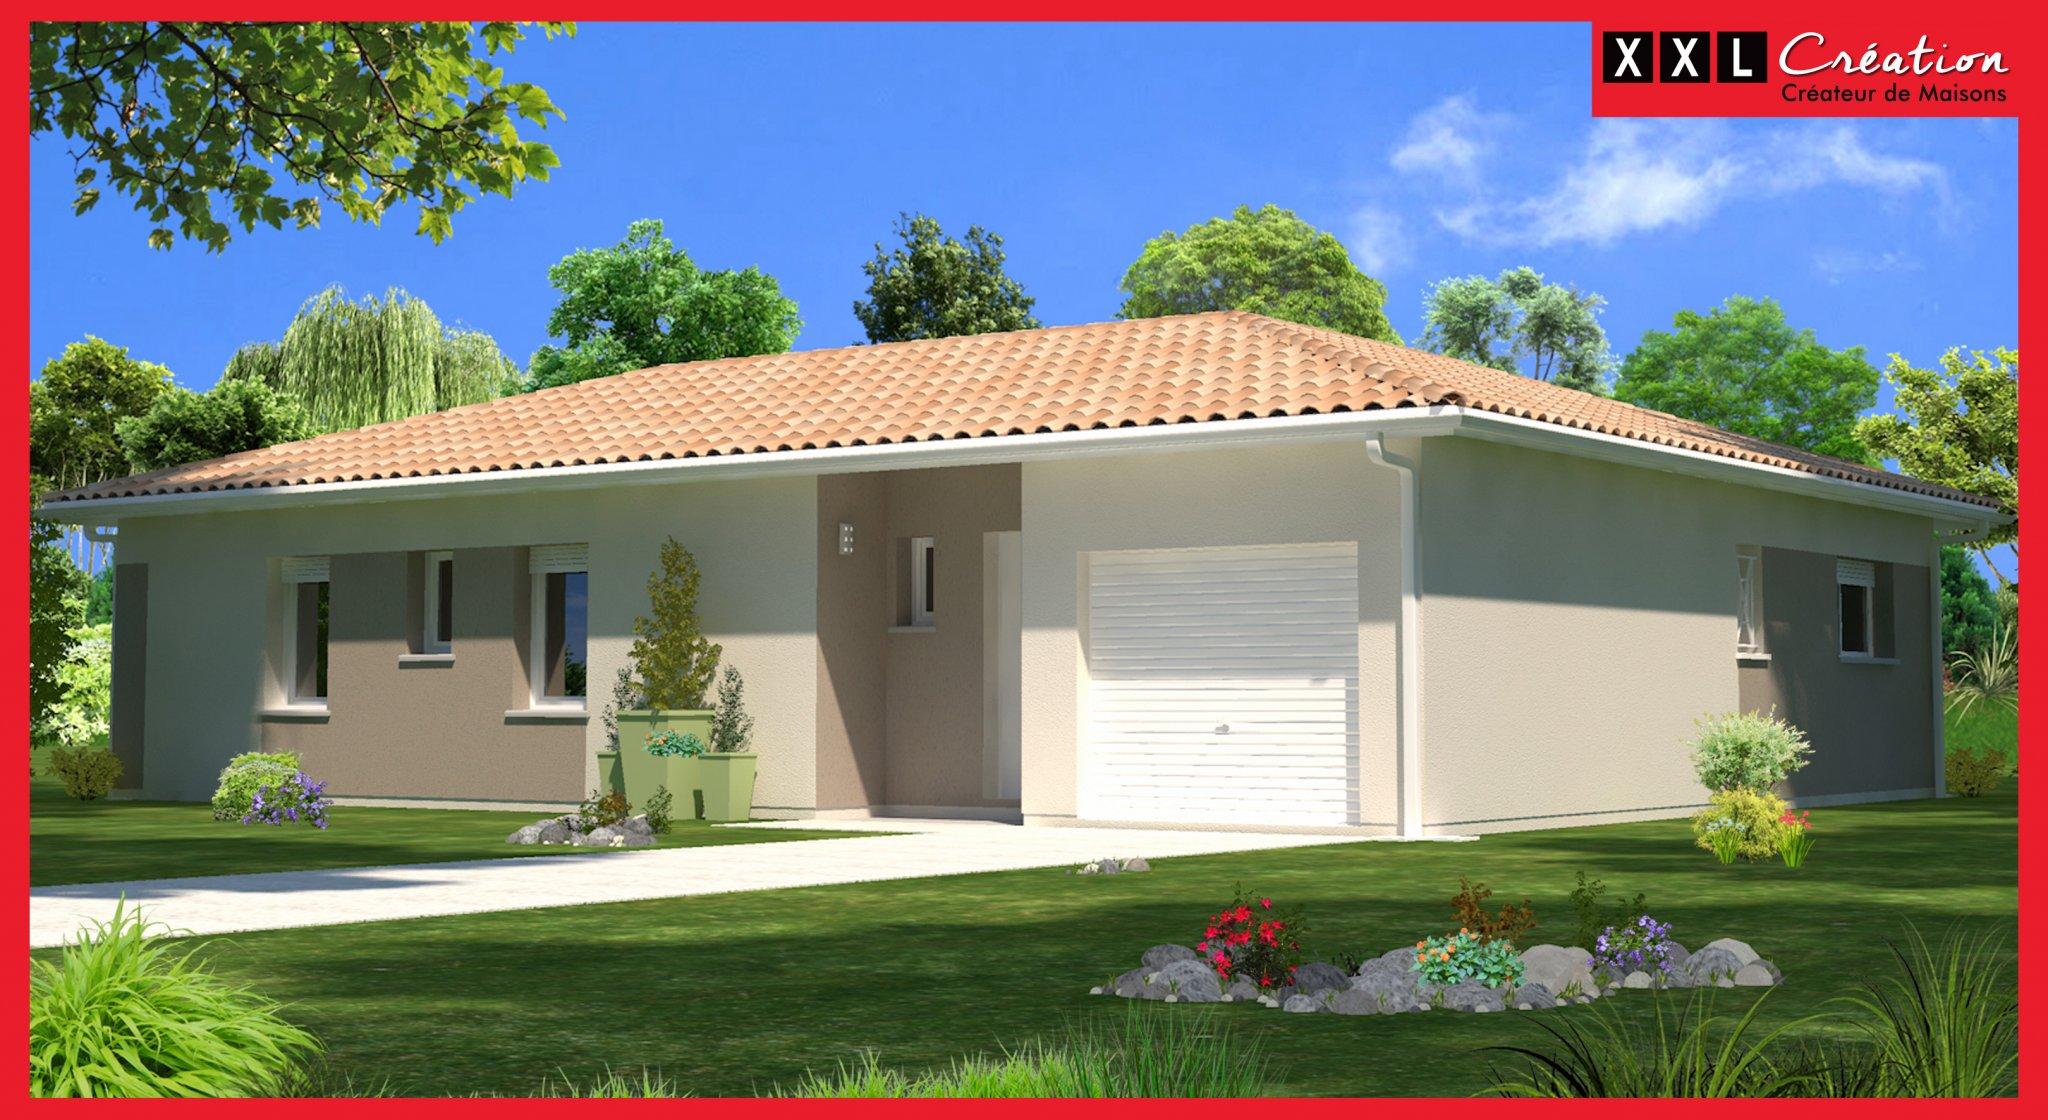 Maisons du constructeur XXL CREATION • 70 m² • CORBERE LES CABANES